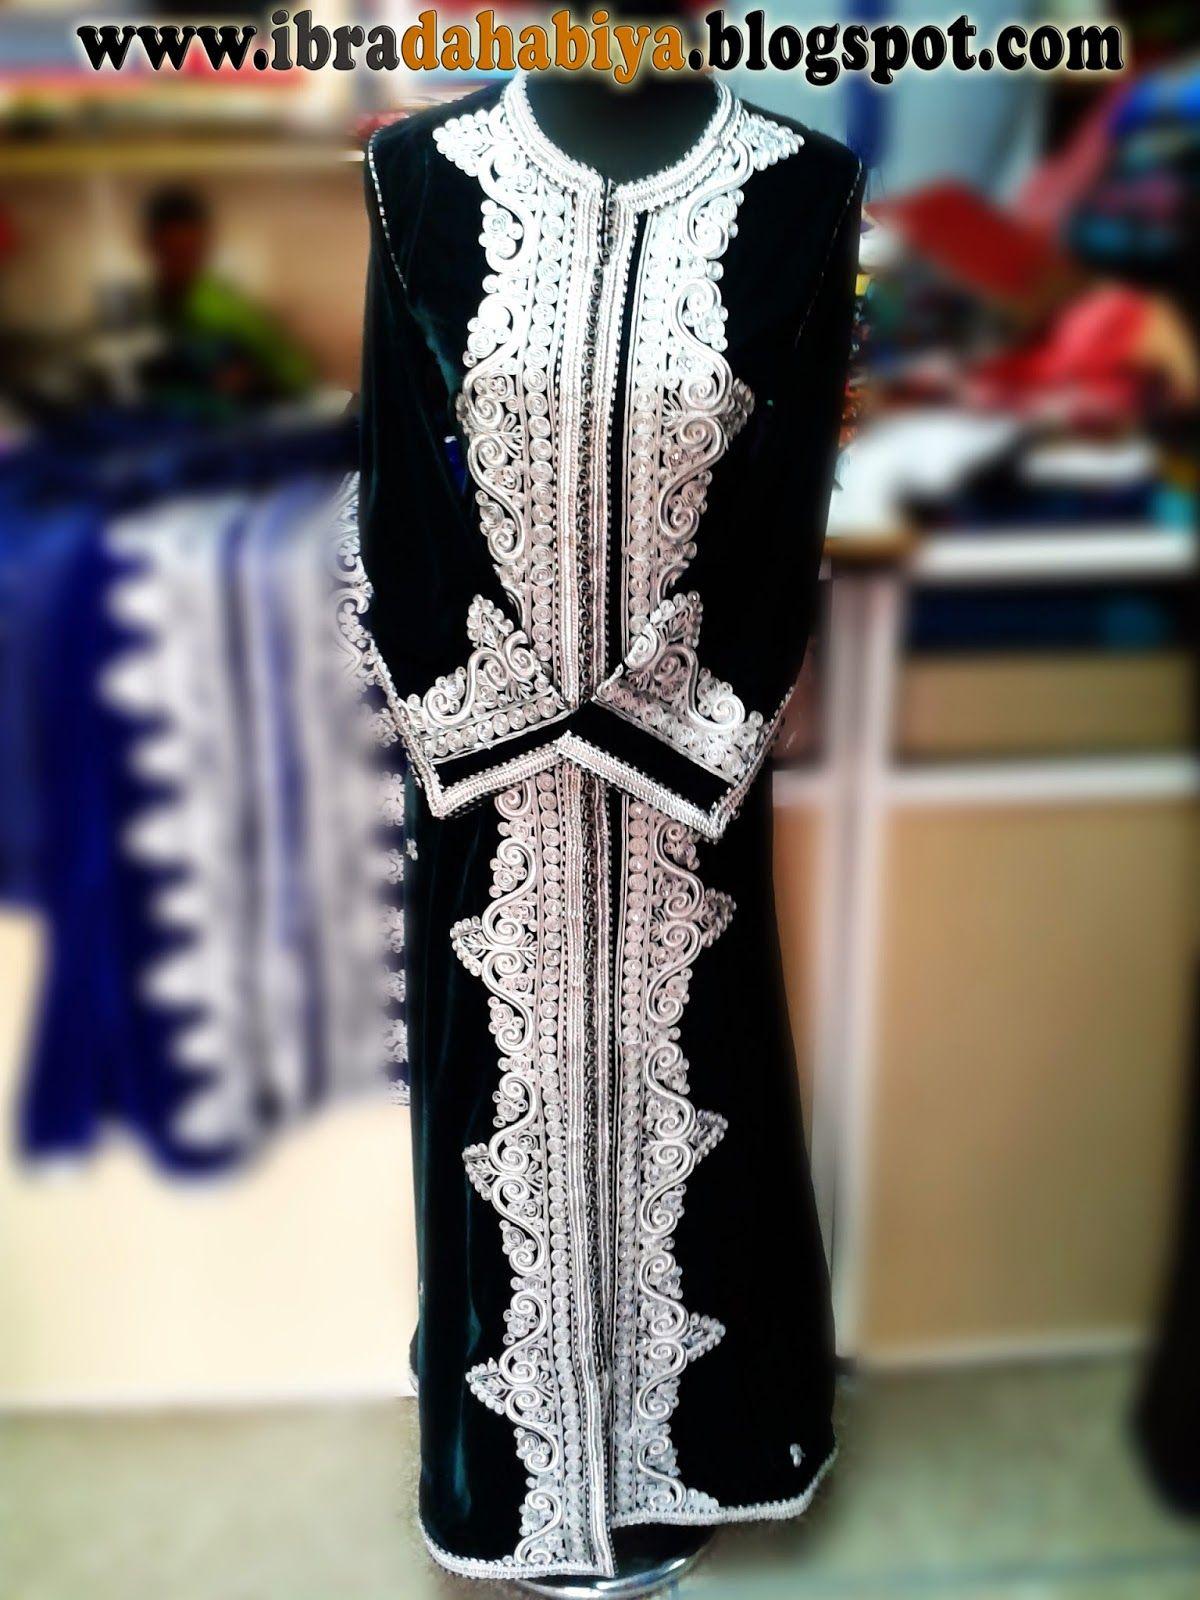 32 قفطان مغربي بثوب المبرة المطرز بالفضي اللامع Moroccan Caftan Flapper Dress Fashion